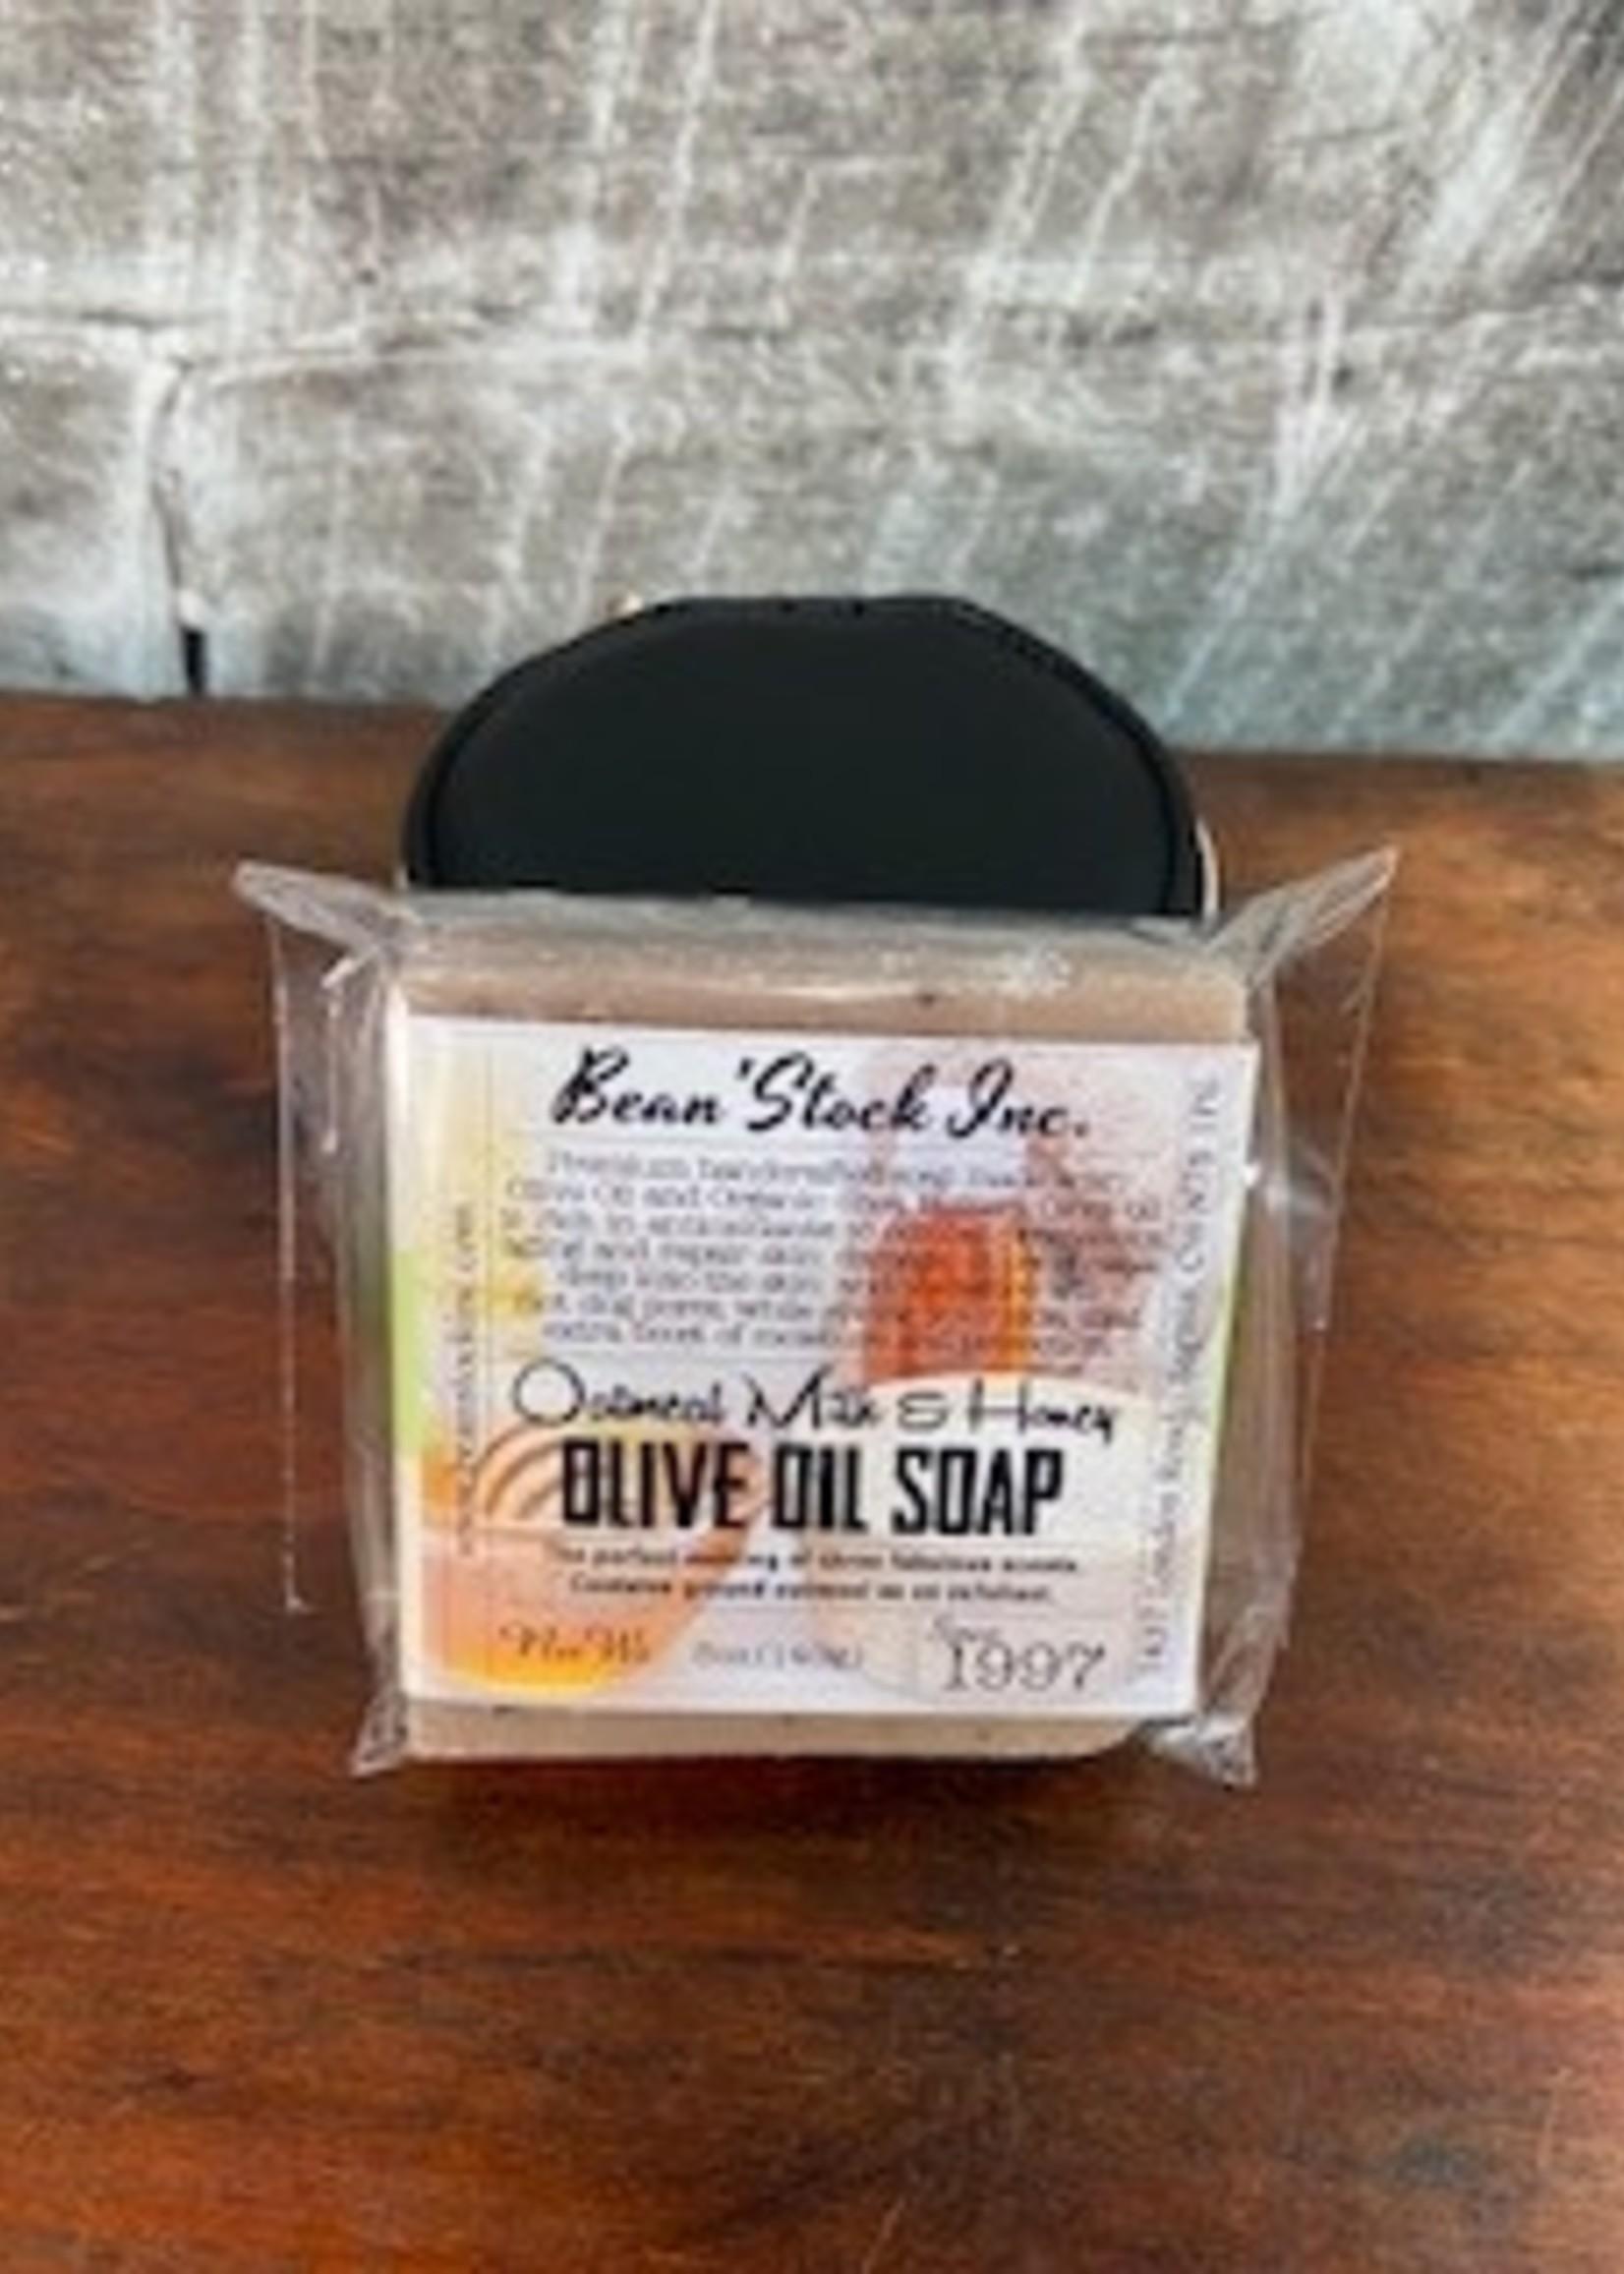 Bean stock Olive Oil Soap   Bar - Oatmeal Milk & Honey